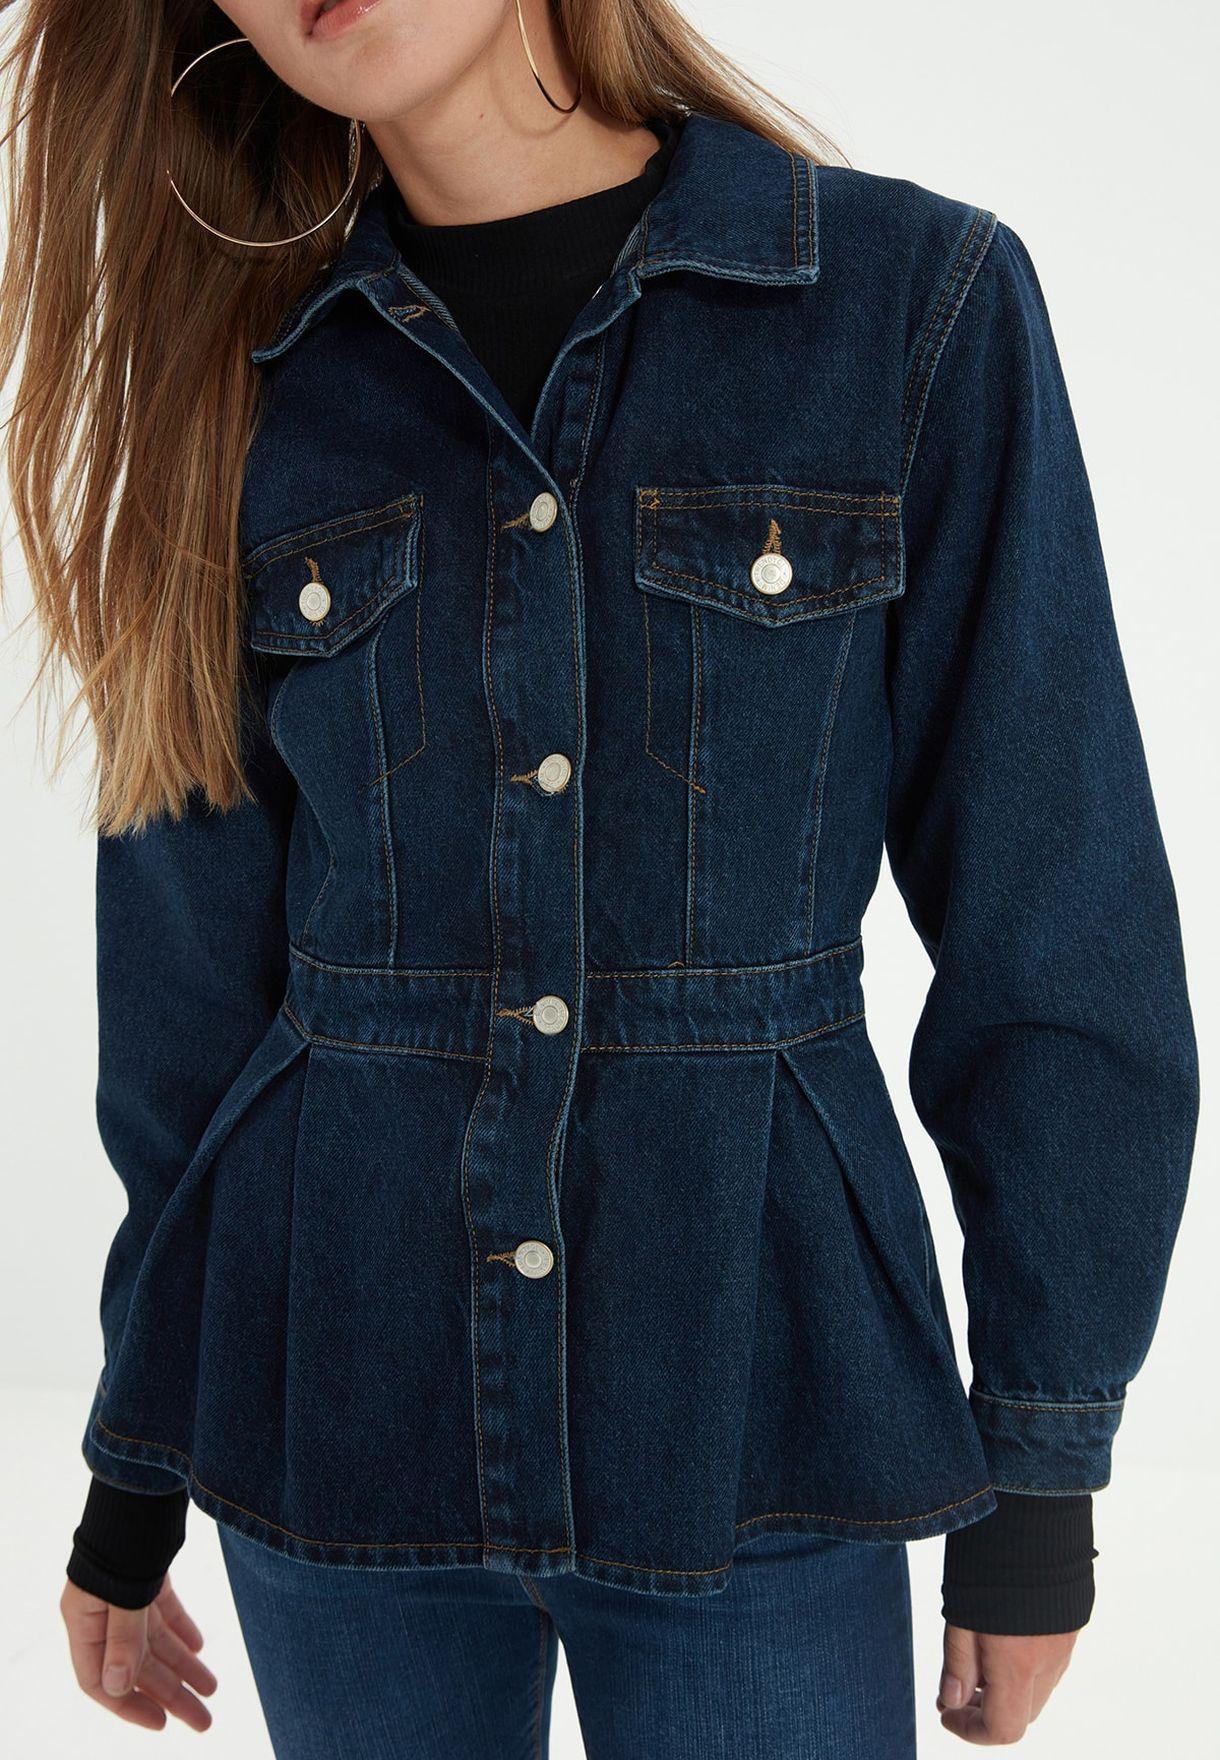 Pocket Detail Denim Jacket